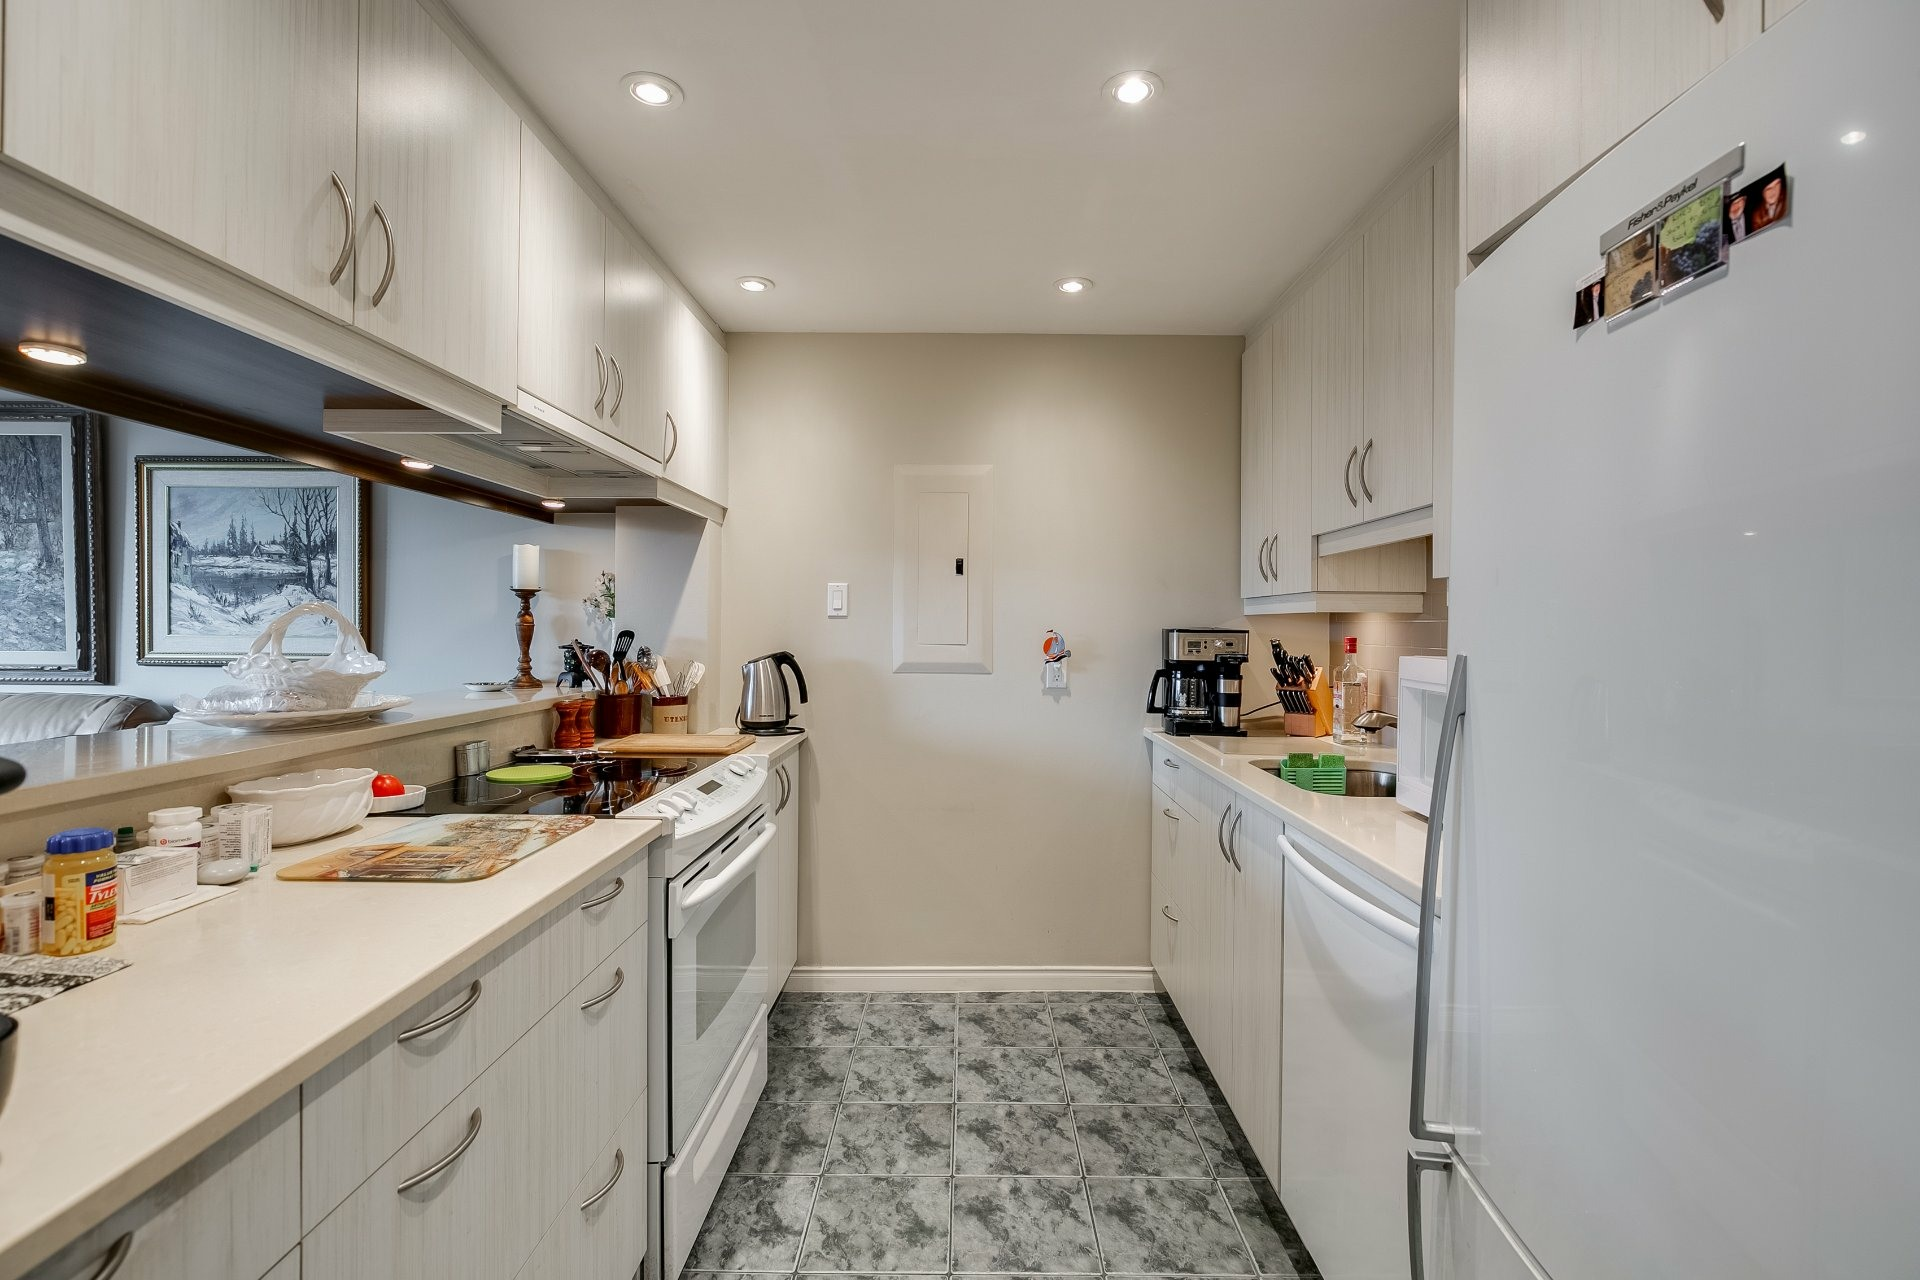 image 4 - Appartement À vendre Verdun/Île-des-Soeurs Montréal  - 6 pièces